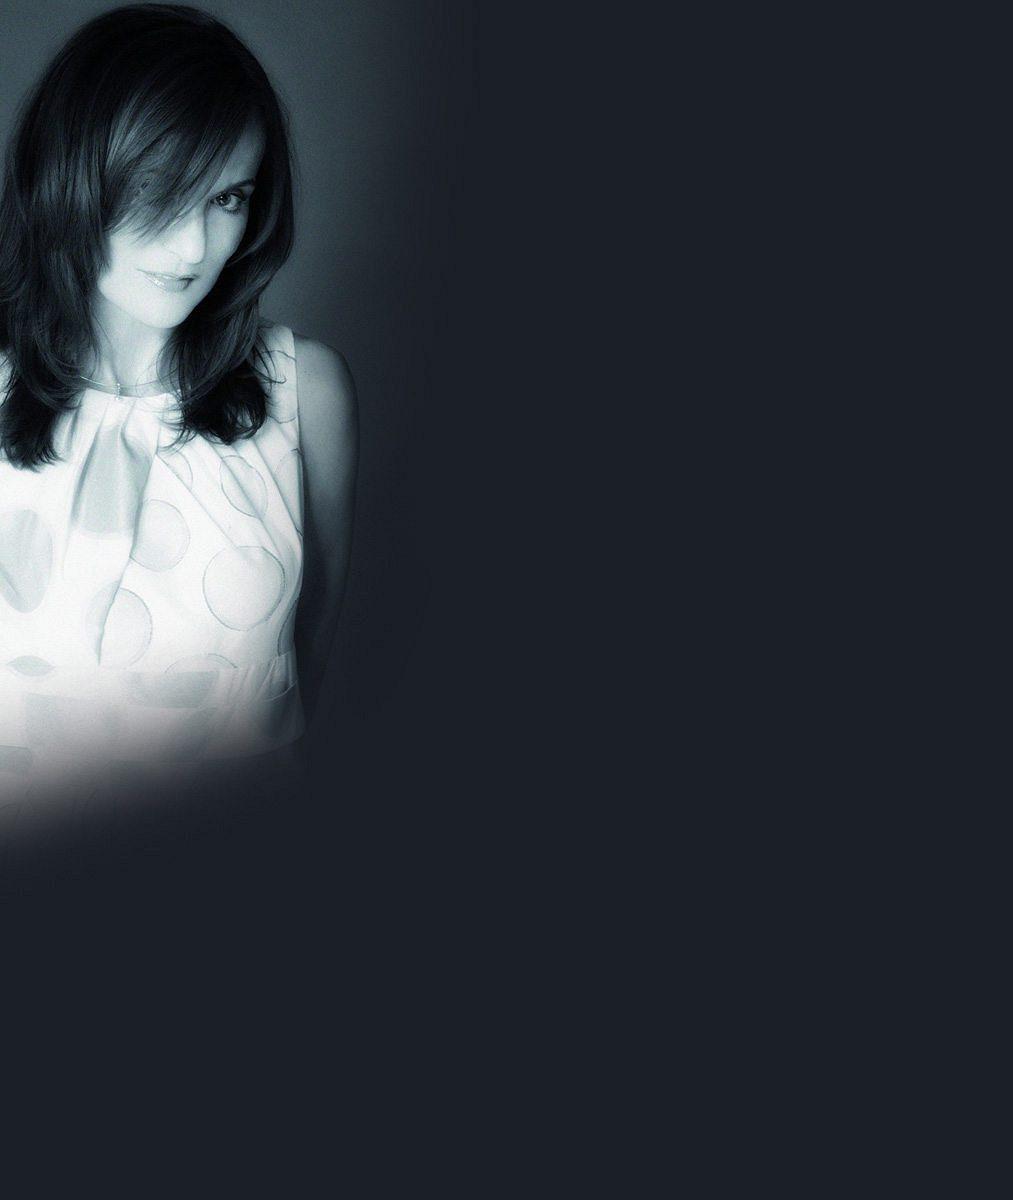 Oblečená neoblečená. Silné reflektory a blesky fotoaparátů známou českou návrhářku téměř svlékly